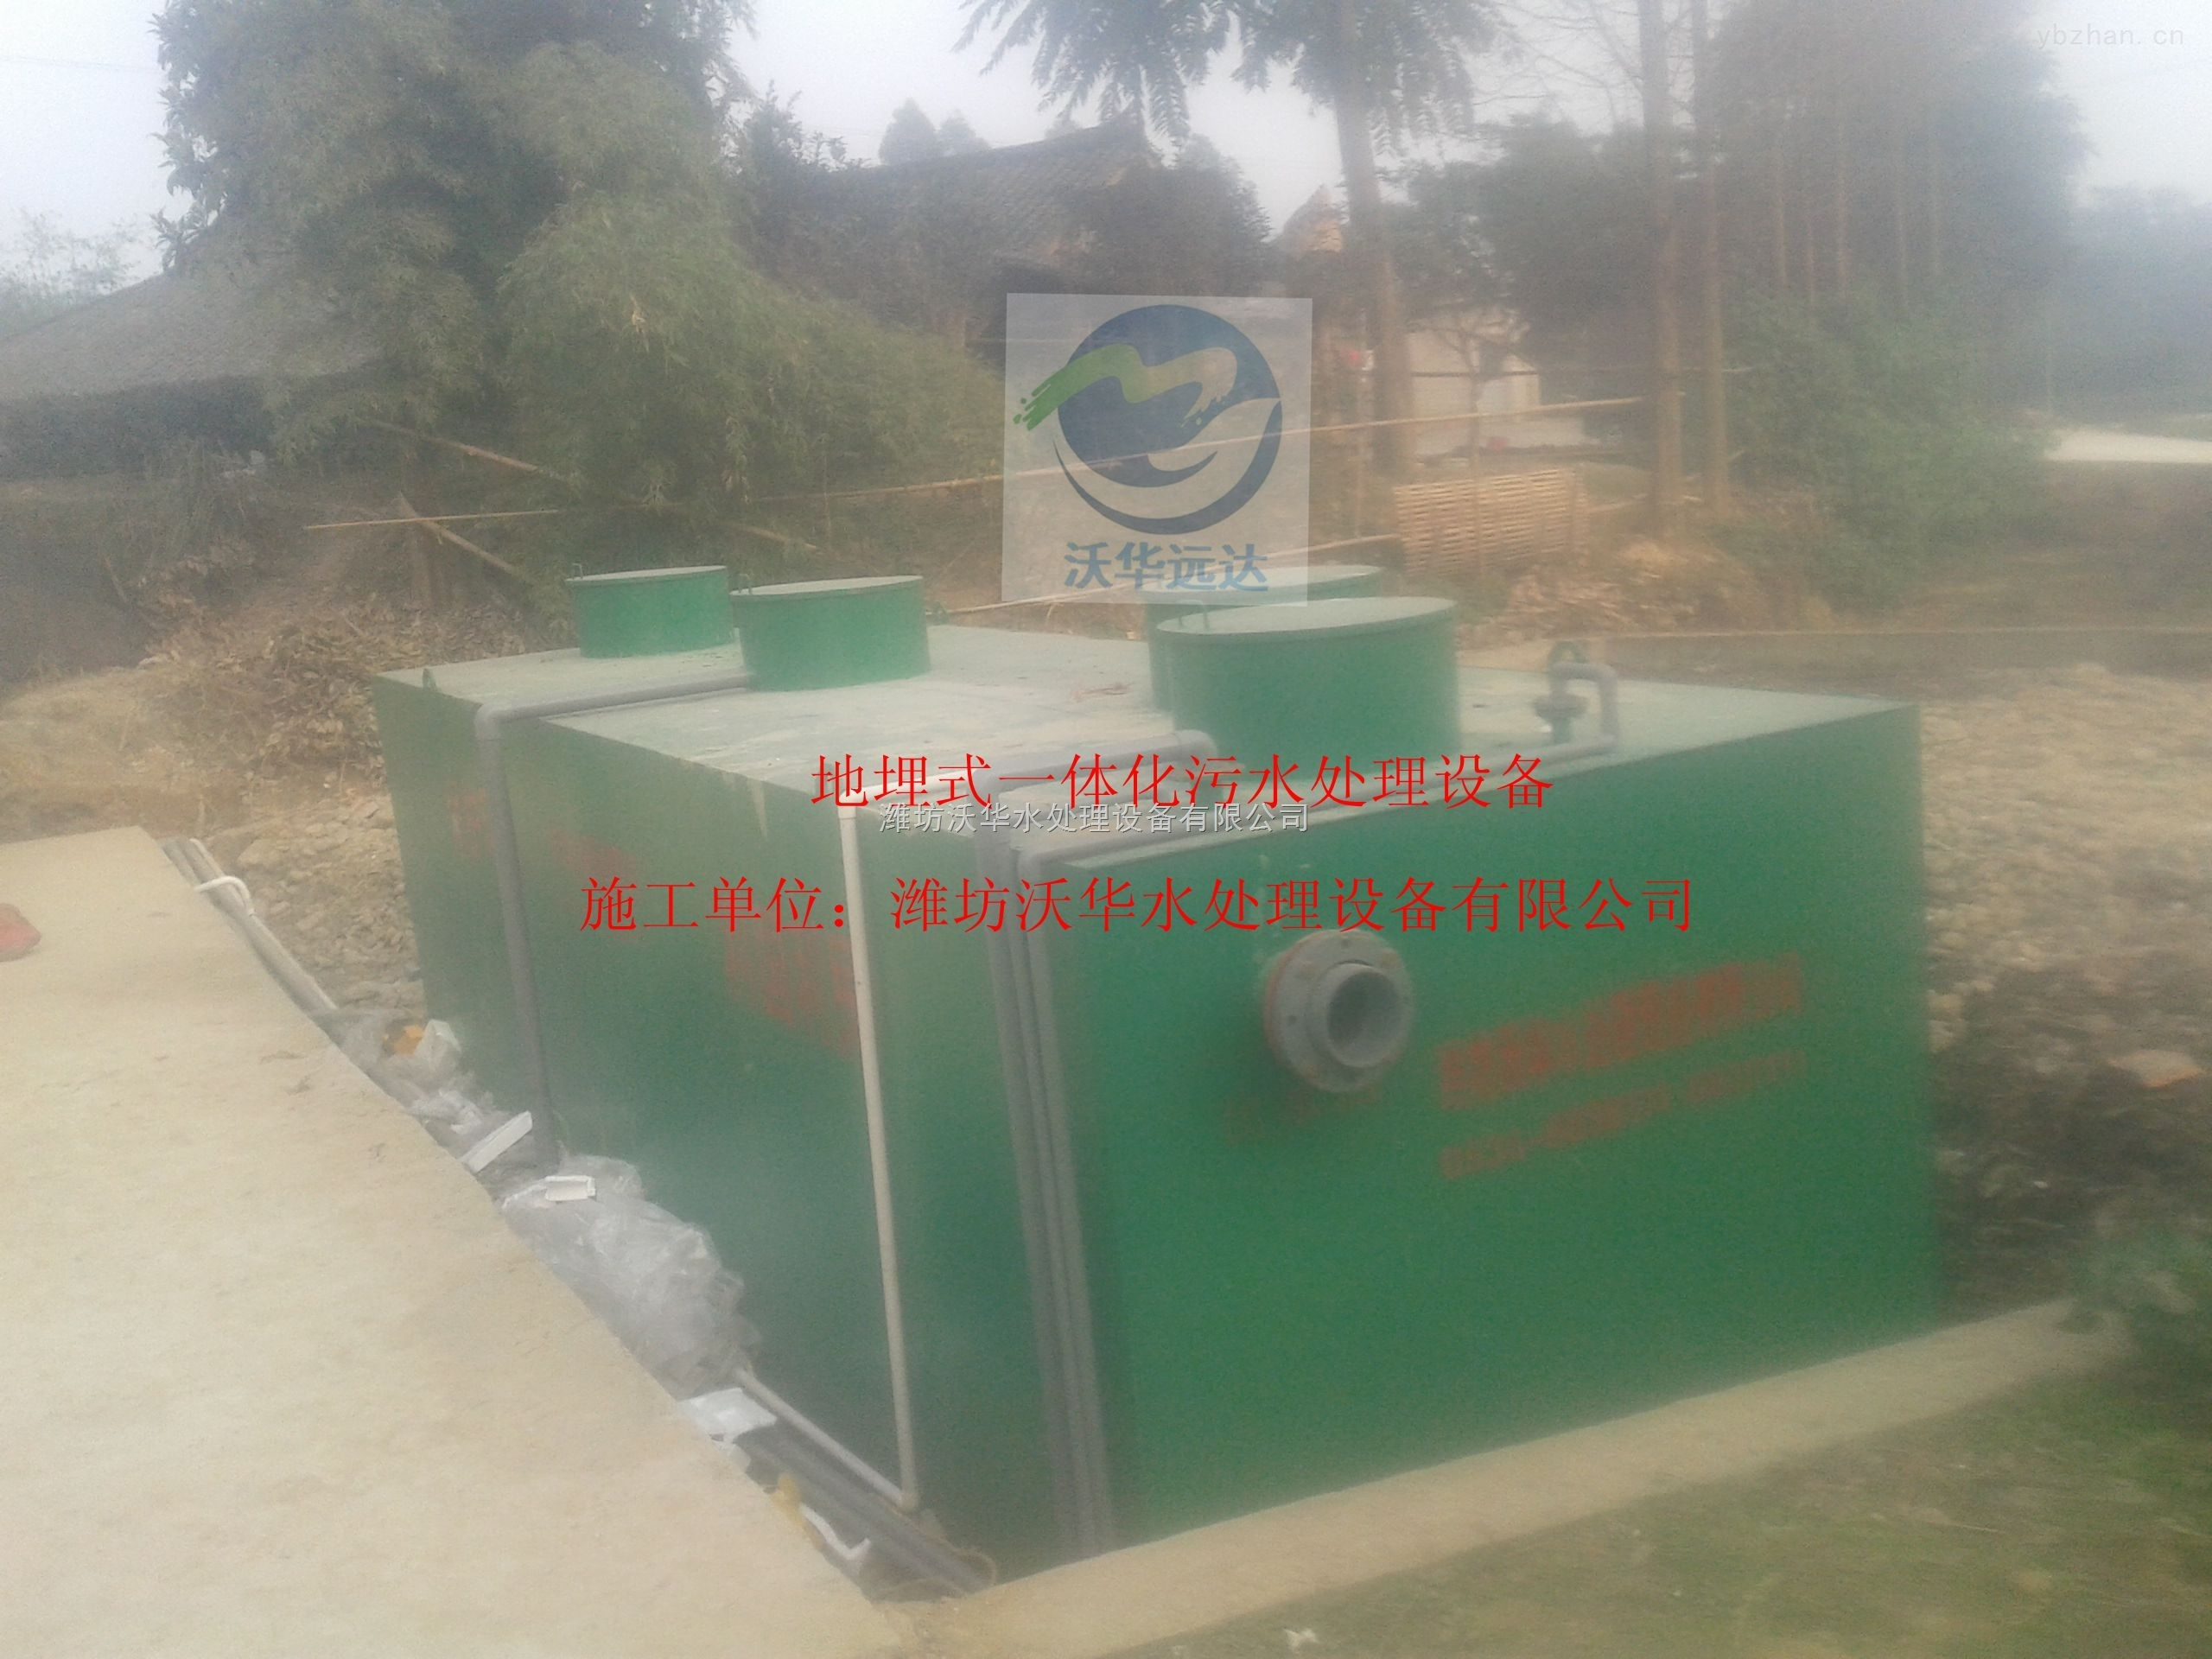 供应江苏常苏州吴江市一体化医院污水处理设备-耗电小运行成本低